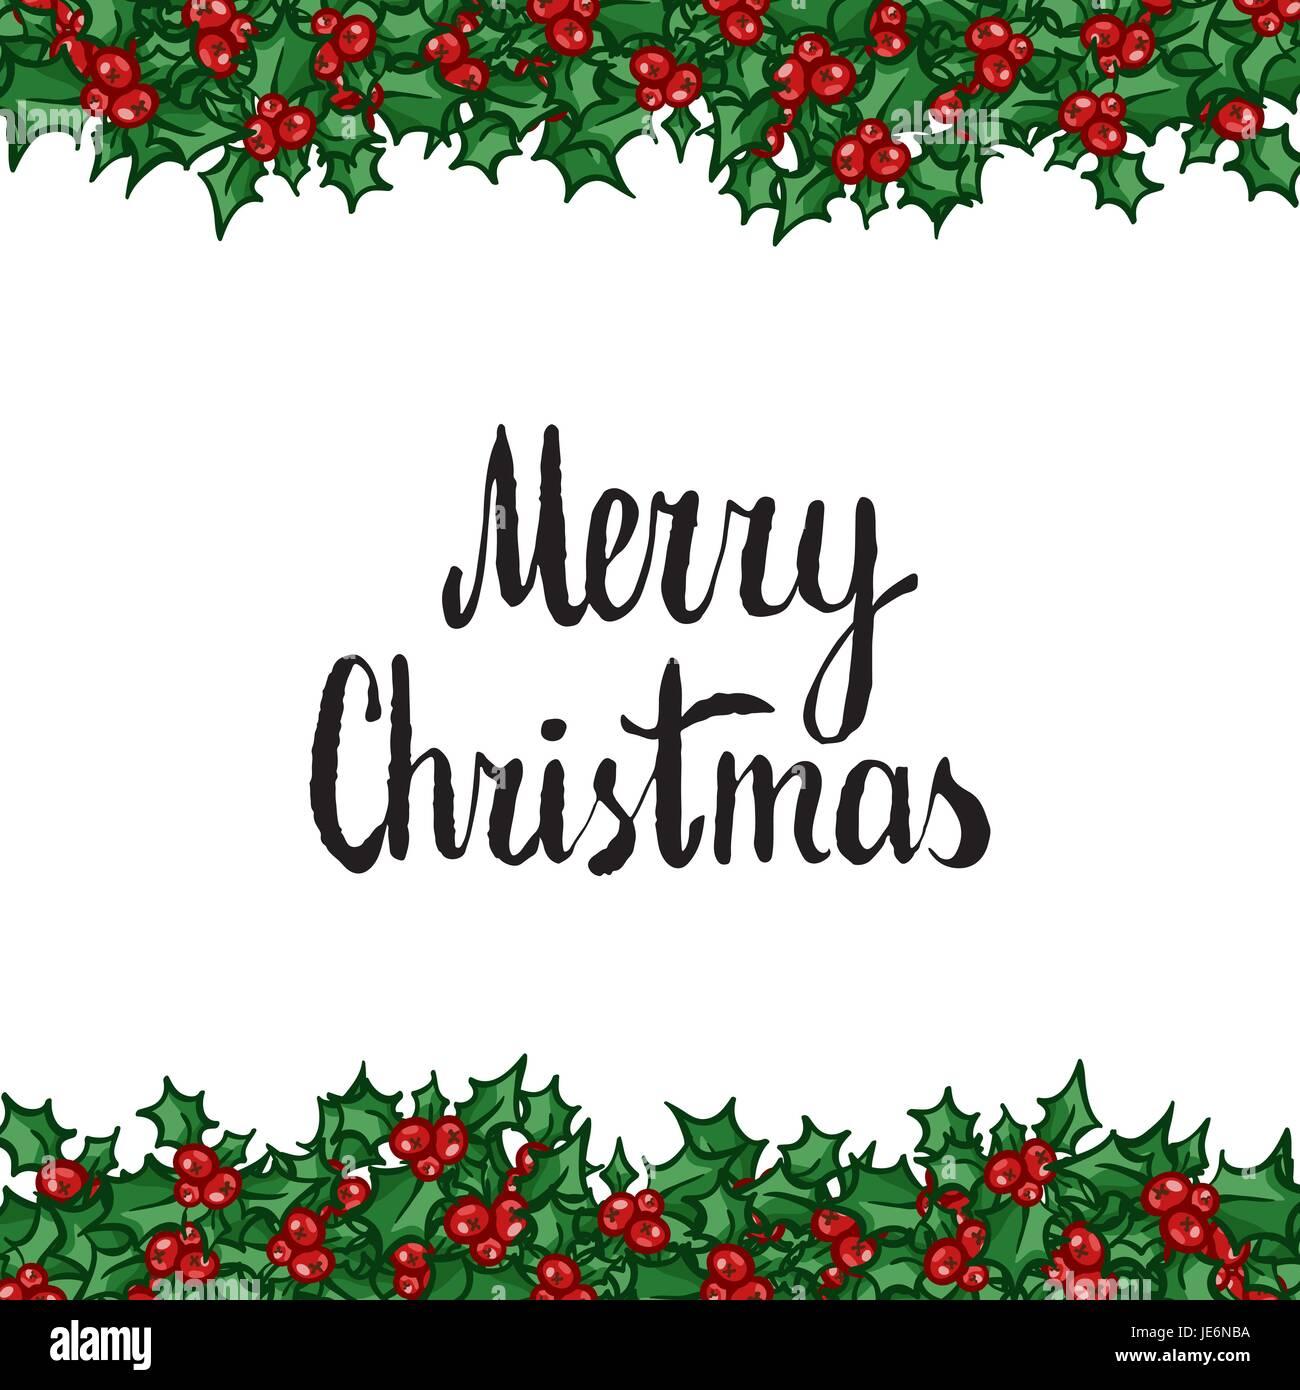 Weihnachten Clipart Bilder.Frohe Weihnachten Schriftzug Mit Holly Hand Gezeichnete Vektor